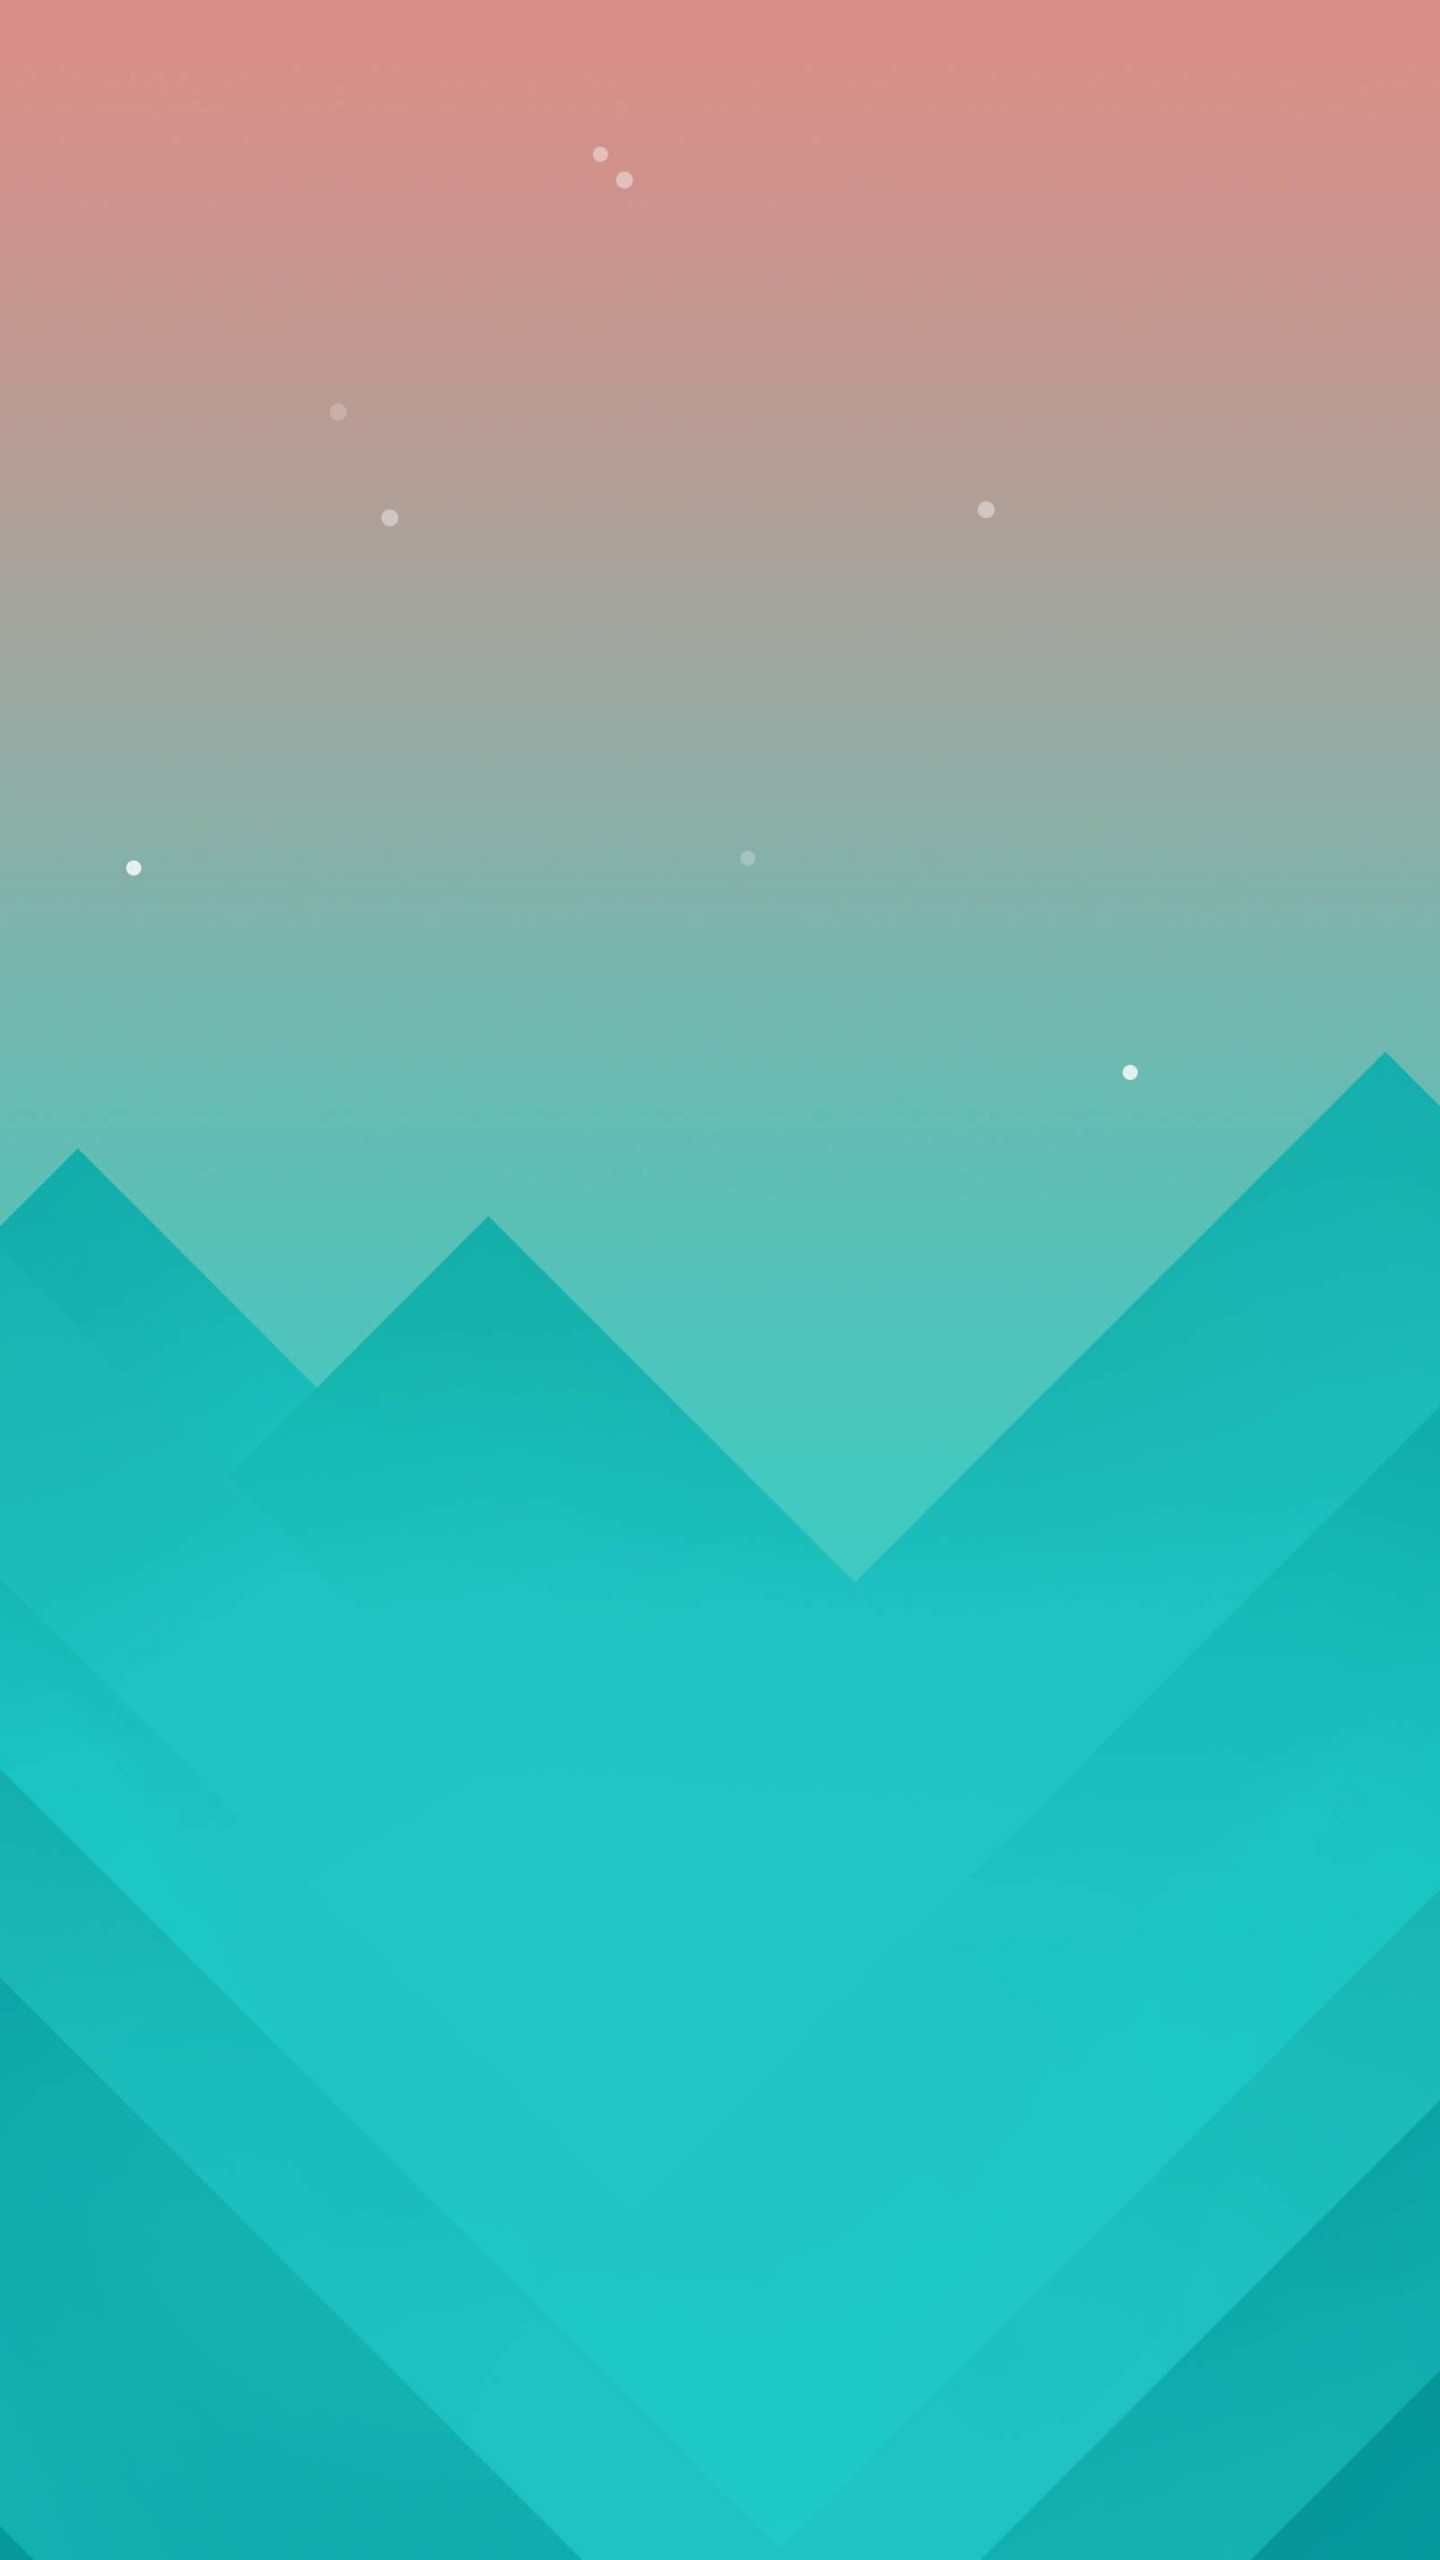 nexus 6 wallpaper